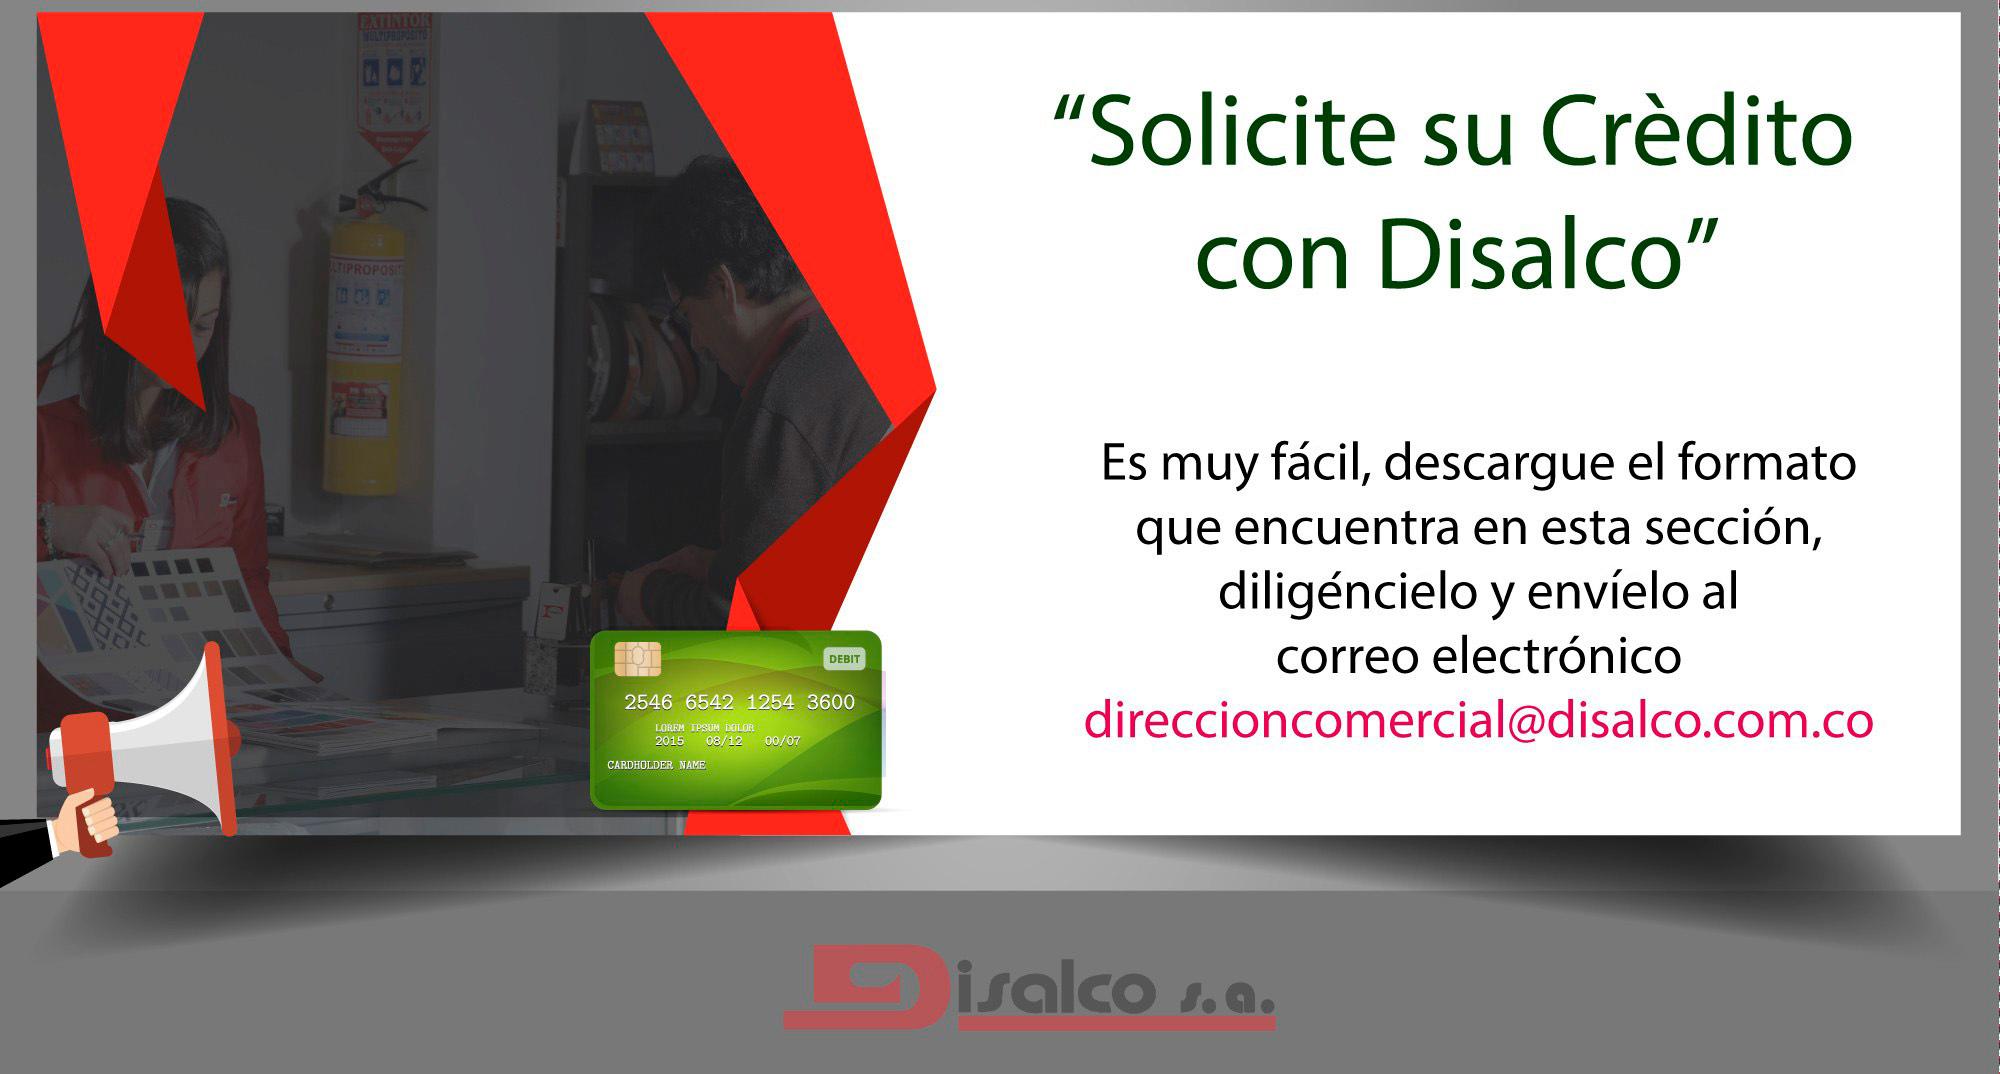 Creditos con Disalco